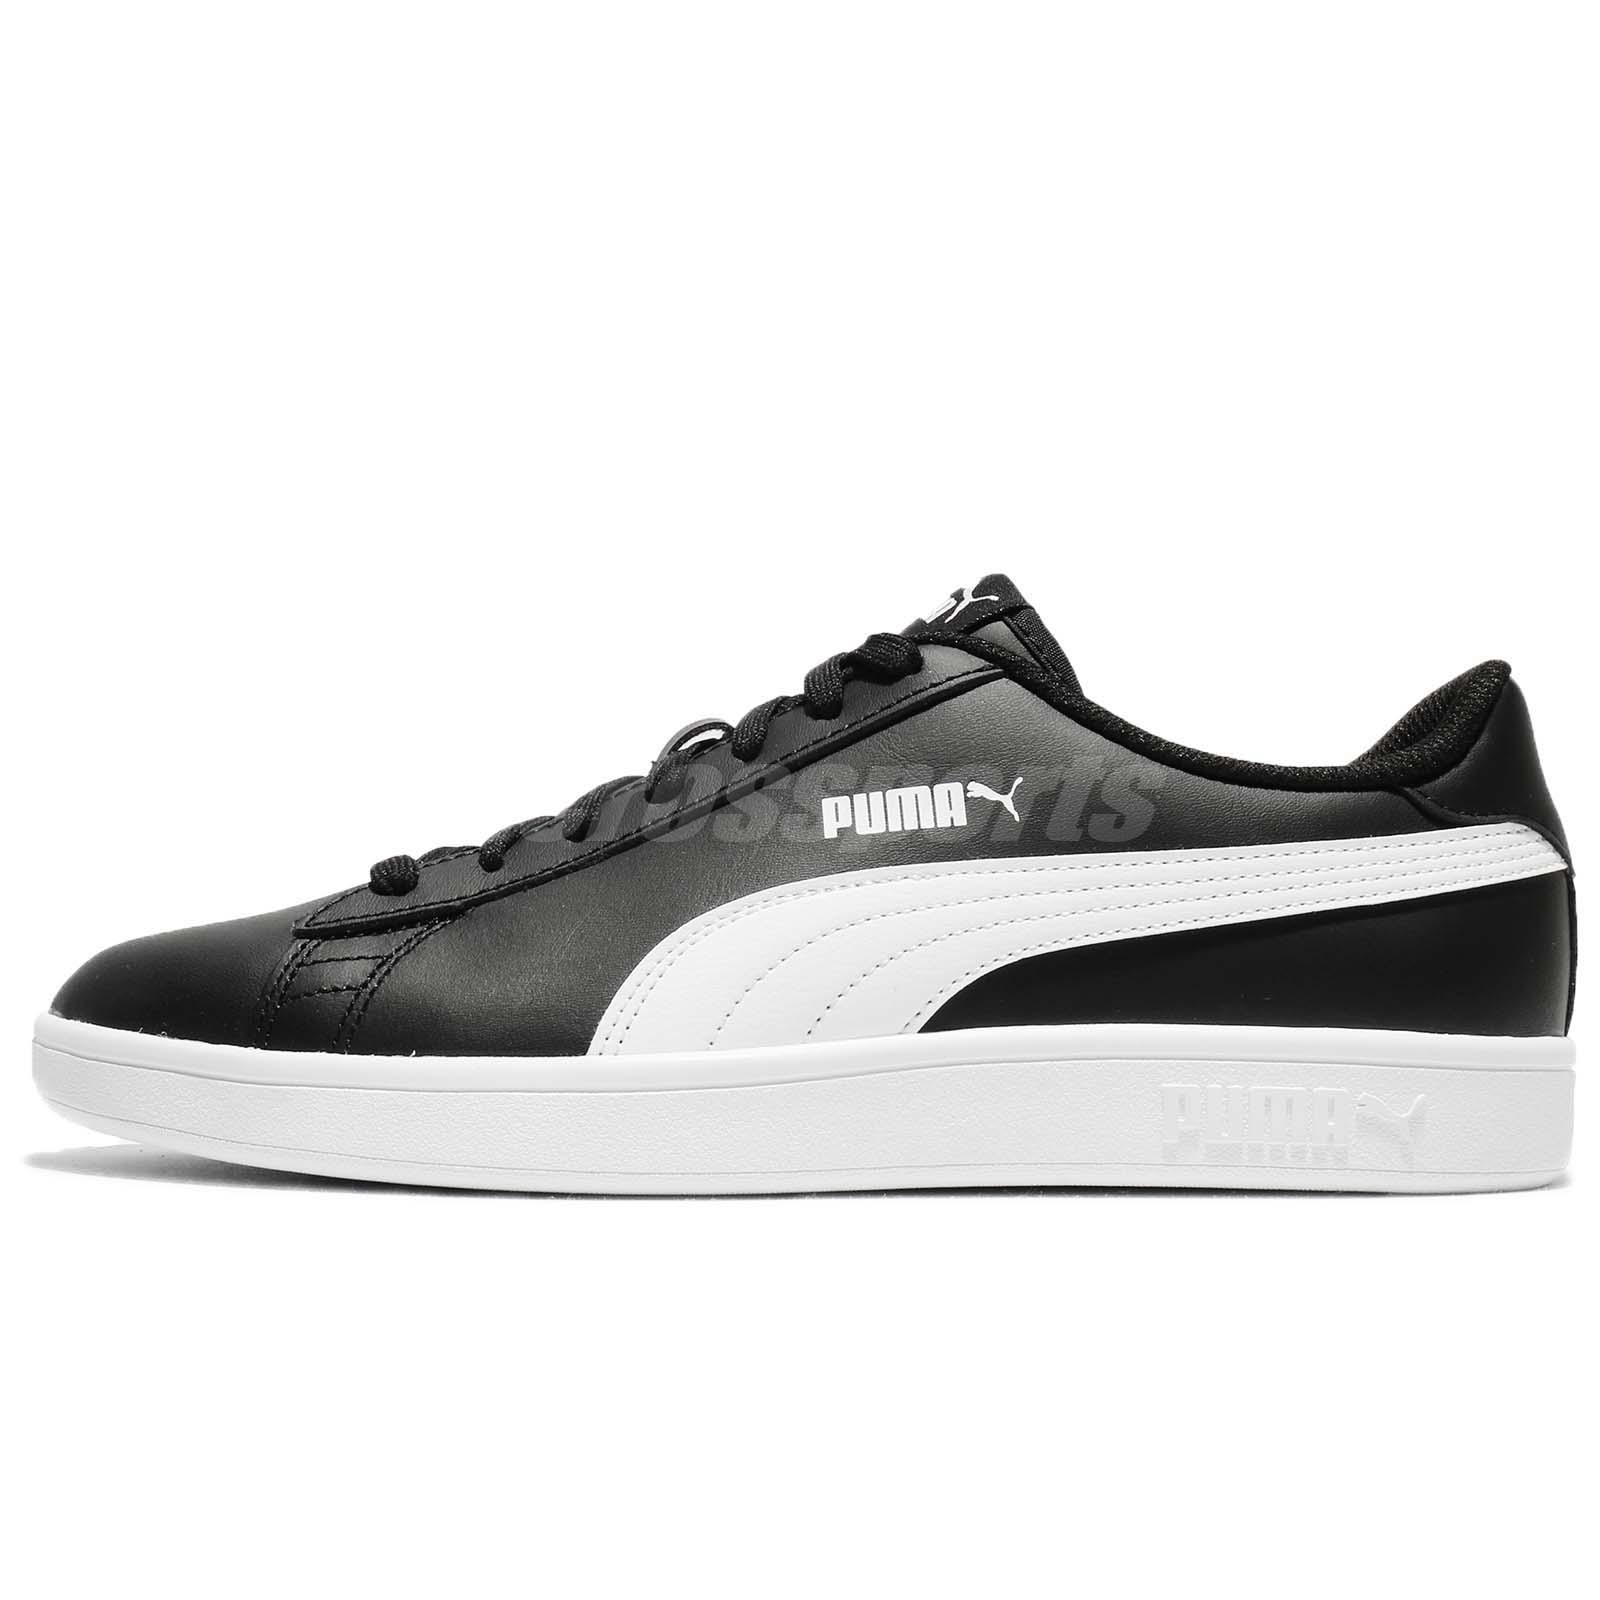 17b9756d5d7 Details about Puma Smash V2 L Black White Men Classic Shoes Sneakers  Trainers 365215-04